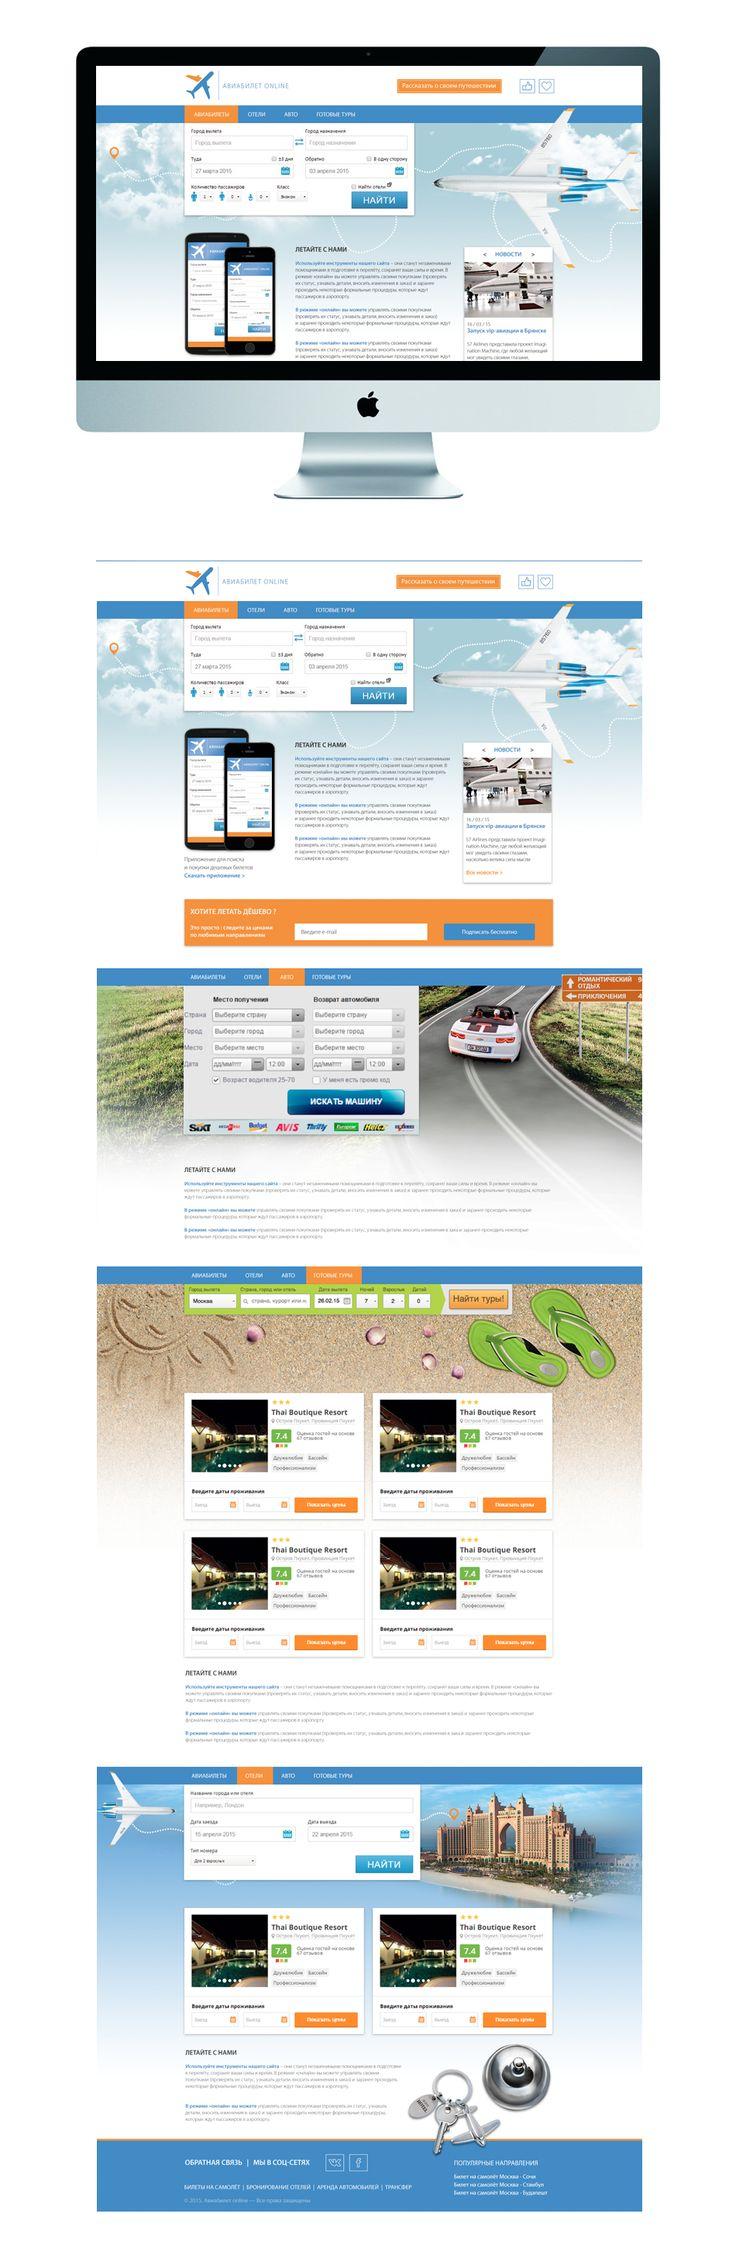 Сайт он-лайн продаж «Авиабилет Оn-line» - Разработка дизайна сайта для компании по продаже авиа-билетов и не только «Авиабилет Оn-line» .  Совместная работа с компанией «Интернет Бизнес»